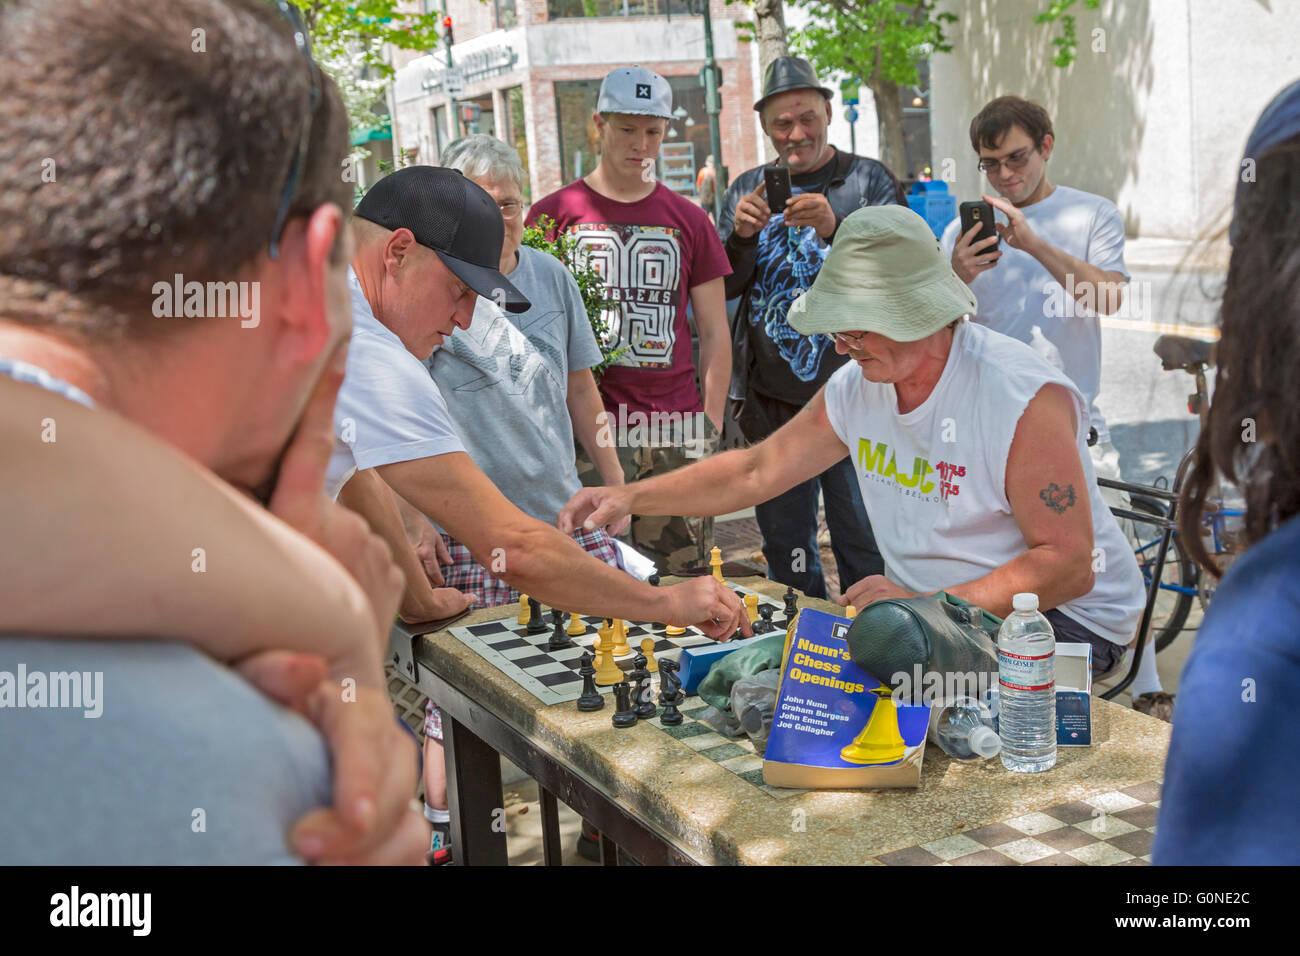 Asheville, North Carolina - Schauspieler Woody Harrelson (schwarze Kappe) spielt Schach in Pritchard Park. Viele Stockbild